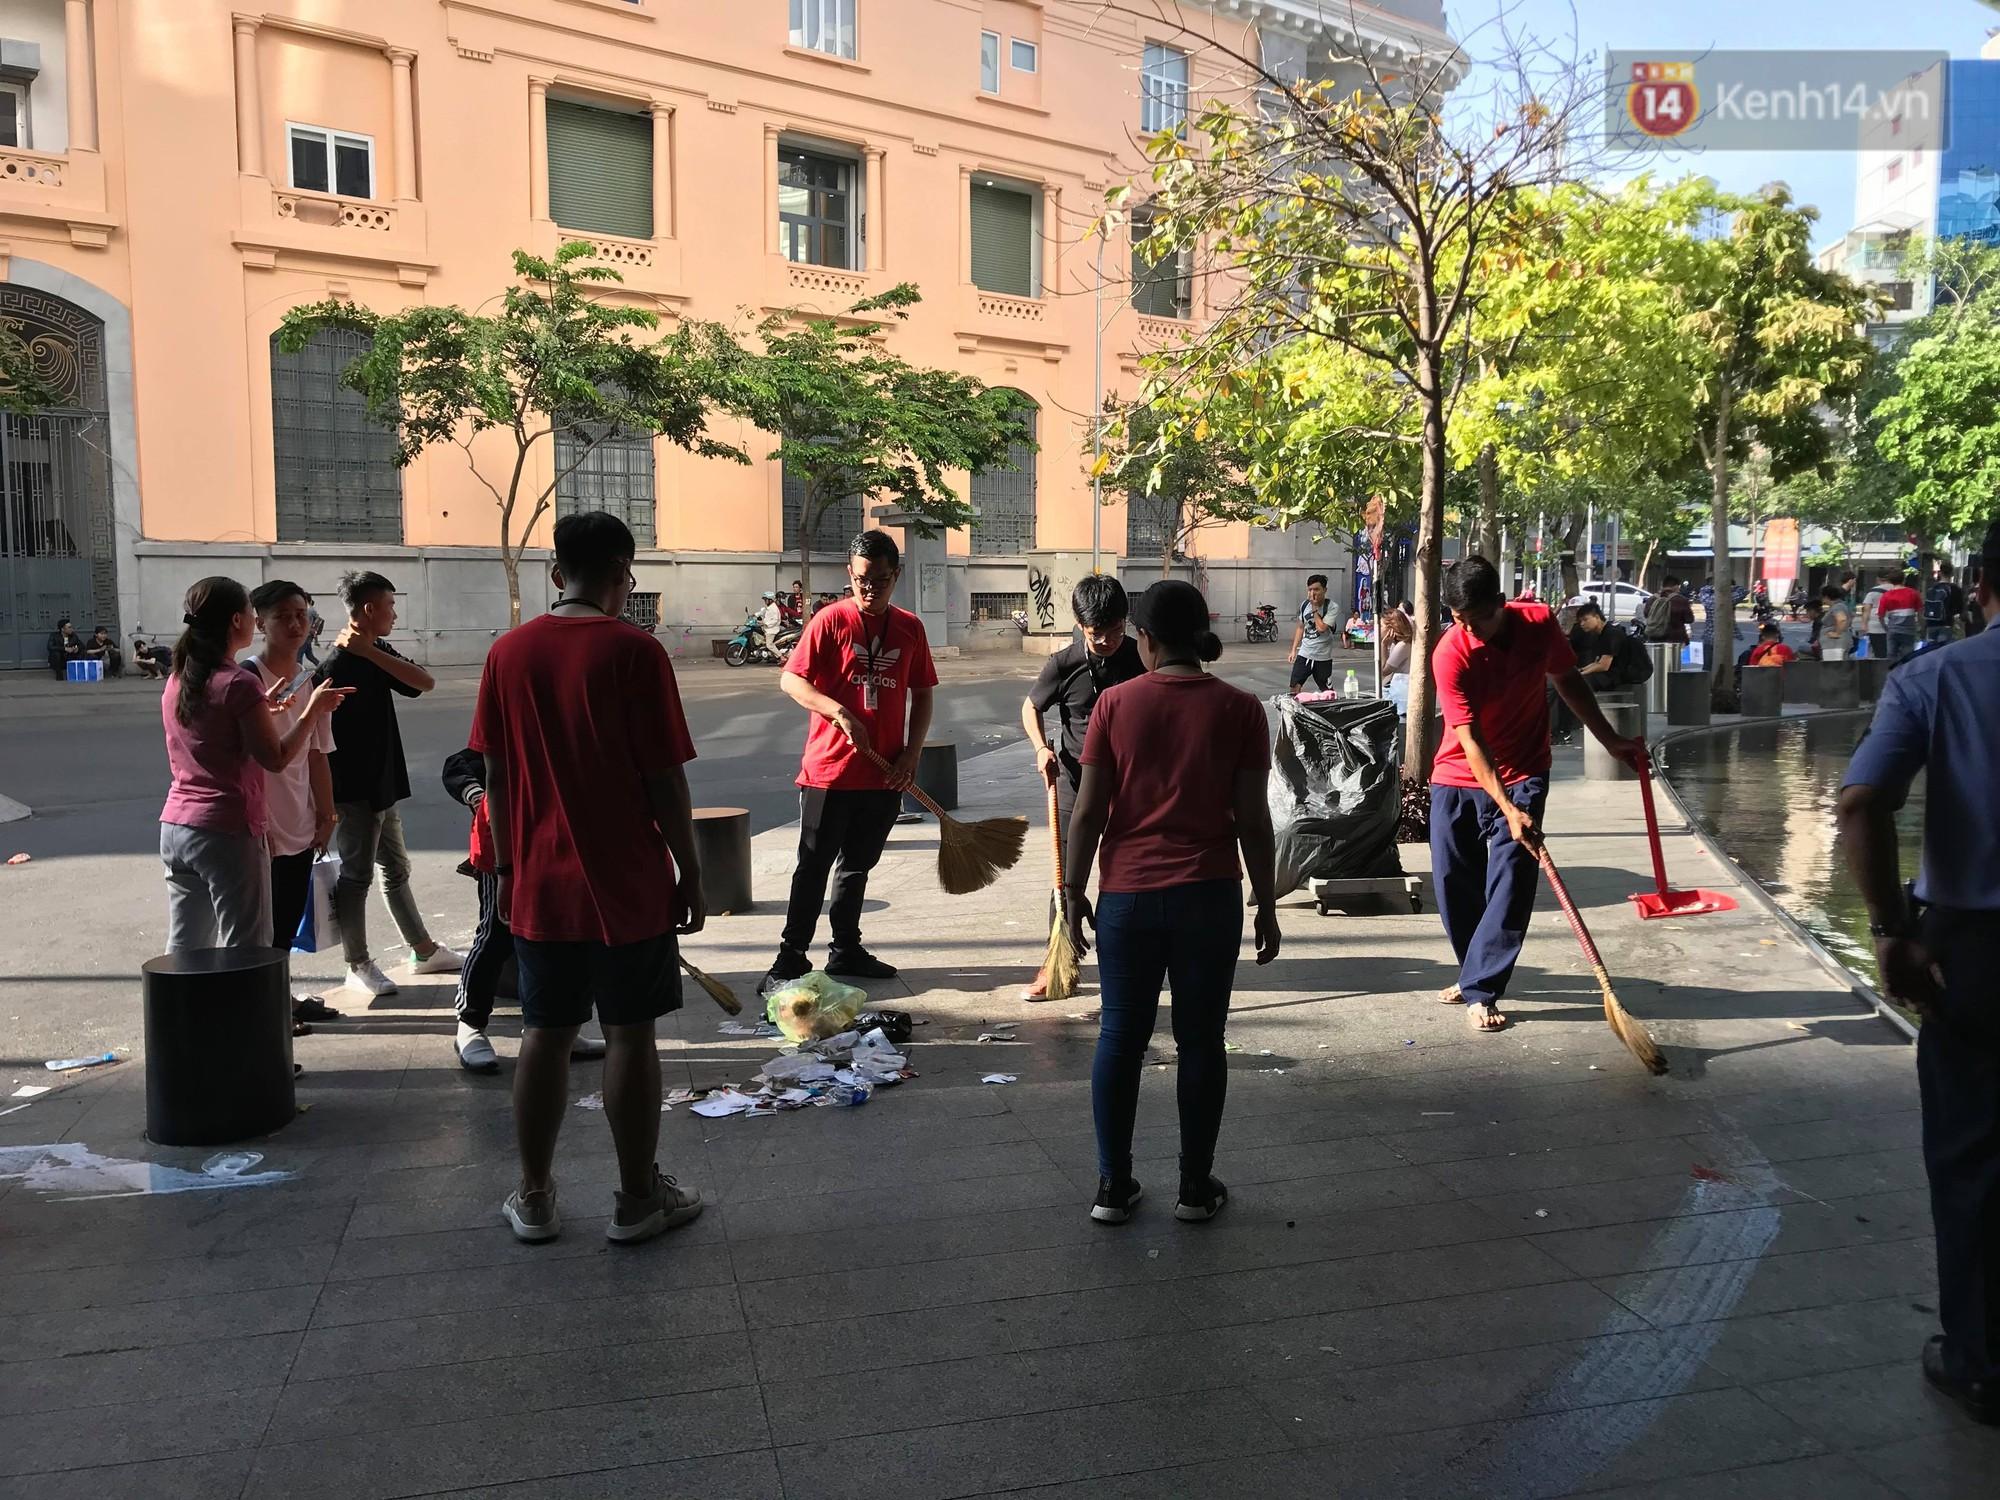 Ngao ngán cảnh vỏ túi nilon, chai nhựa... la liệt sau đêm xếp hàng canh mua giày Adidas của các bạn trẻ ở Sài Gòn - Ảnh 8.